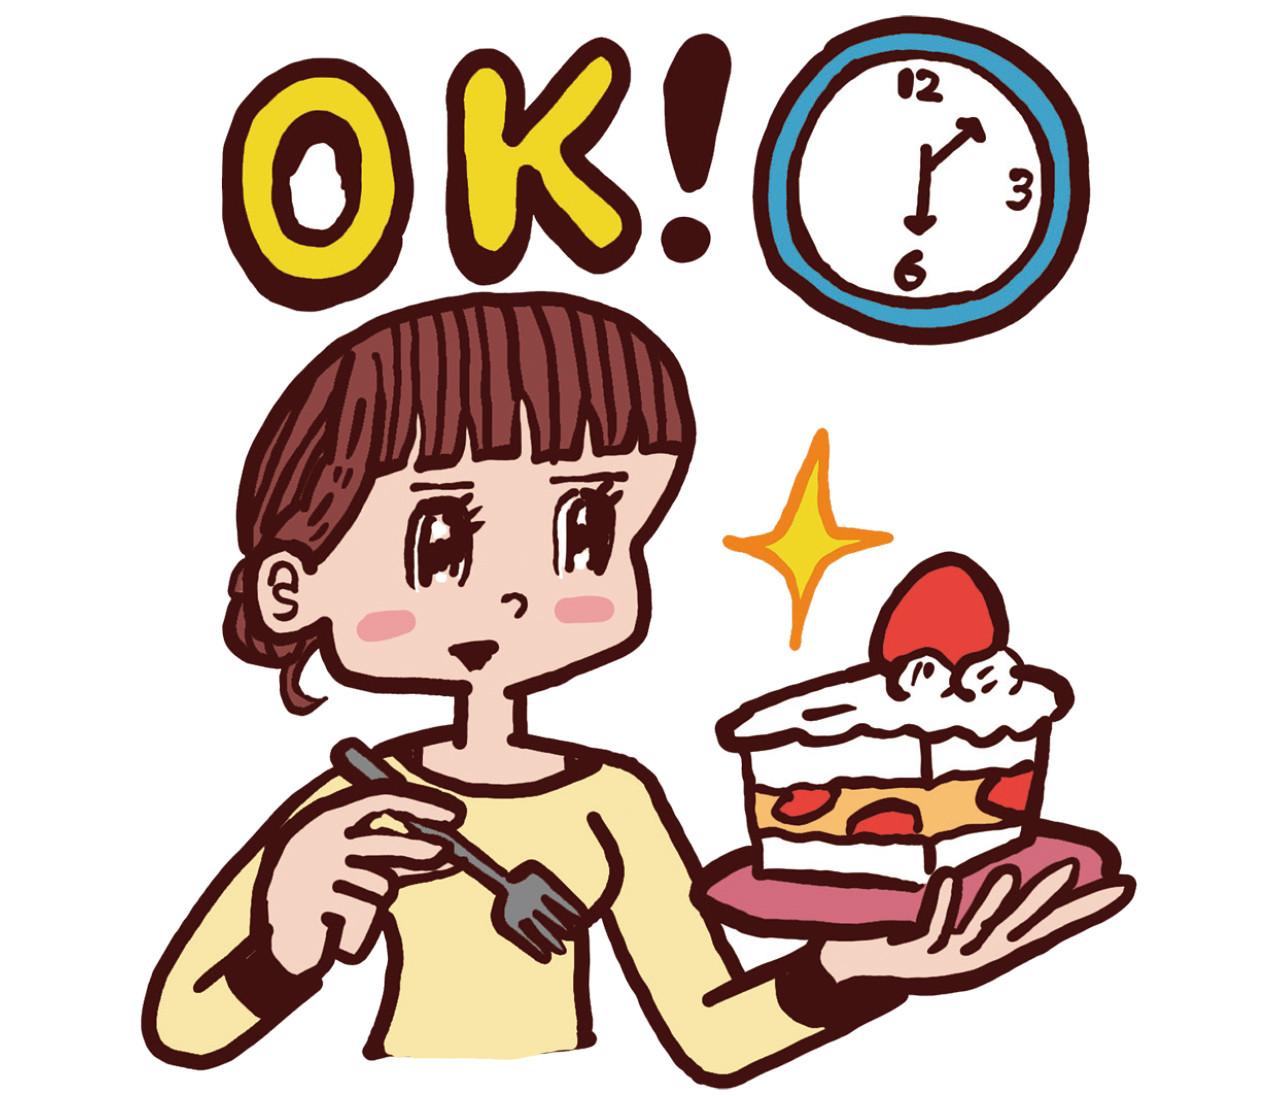 【2021年は痩せる食事法】最新知見BMALでわかった太りにくい時間帯★おやつもOKの新ルール11-15